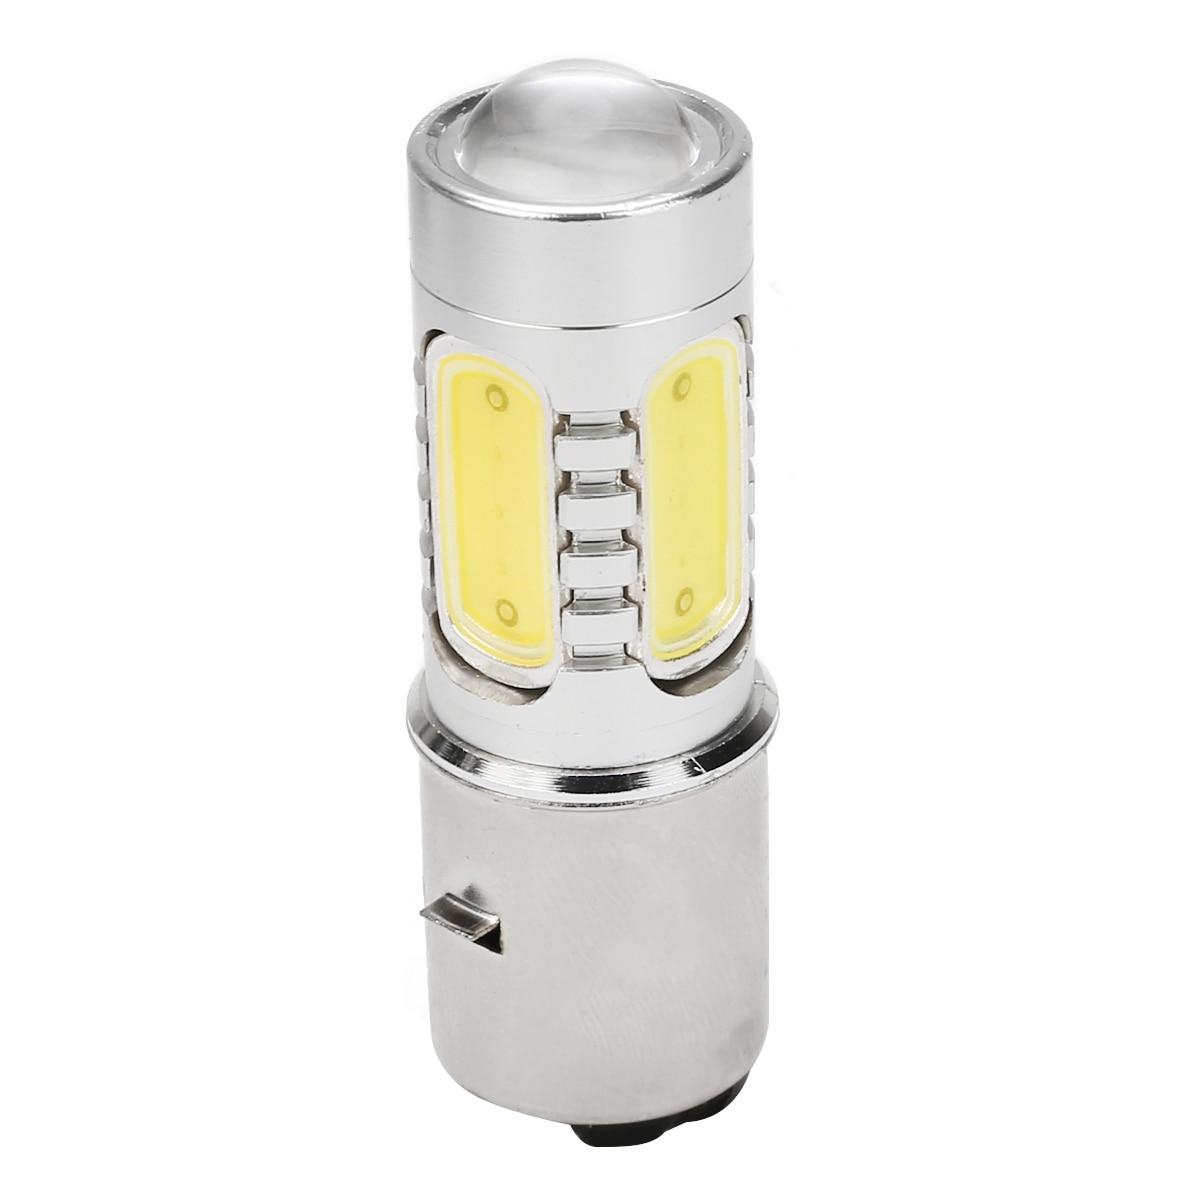 Mayitr 1 шт. BA20D H6 4 COB Светодиодный фонарь для мотоцикла алюминиевый белый Головной фонарь 7,5 Вт лампа для мопеда скутера ATV внедорожный